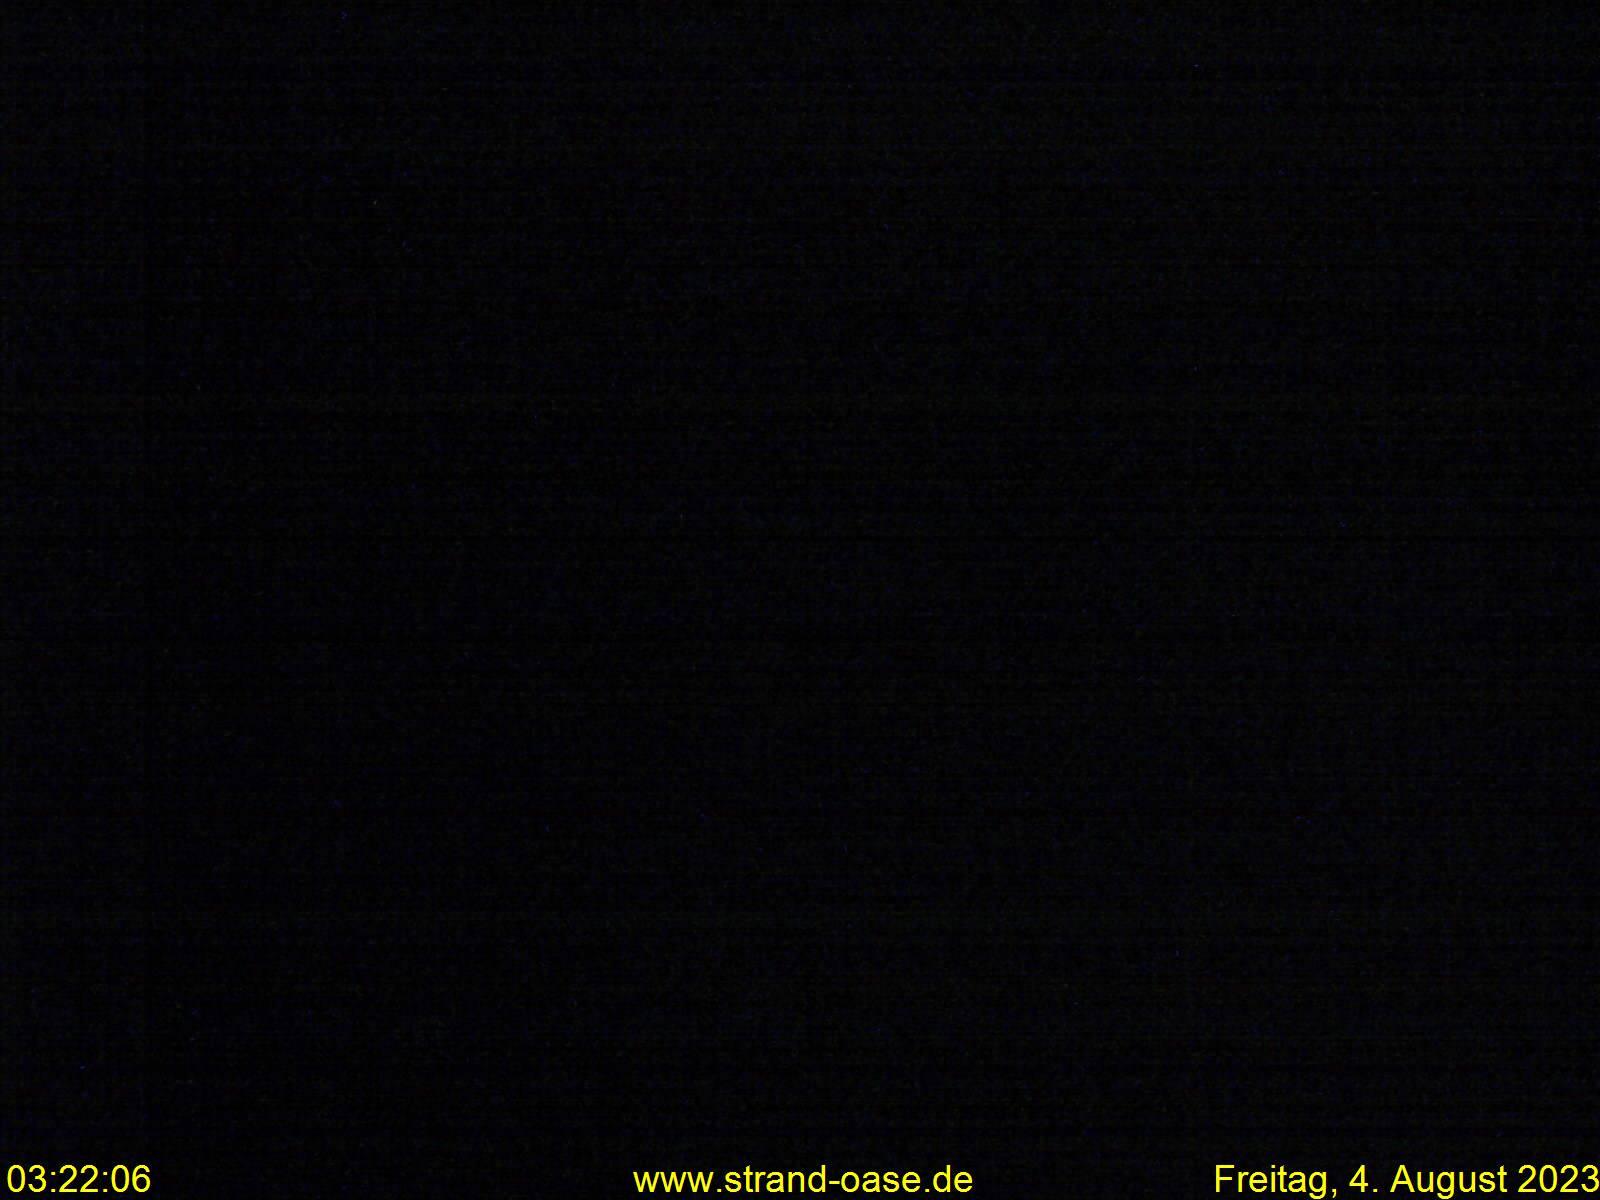 Westerland (Sylt) Sa. 03:22